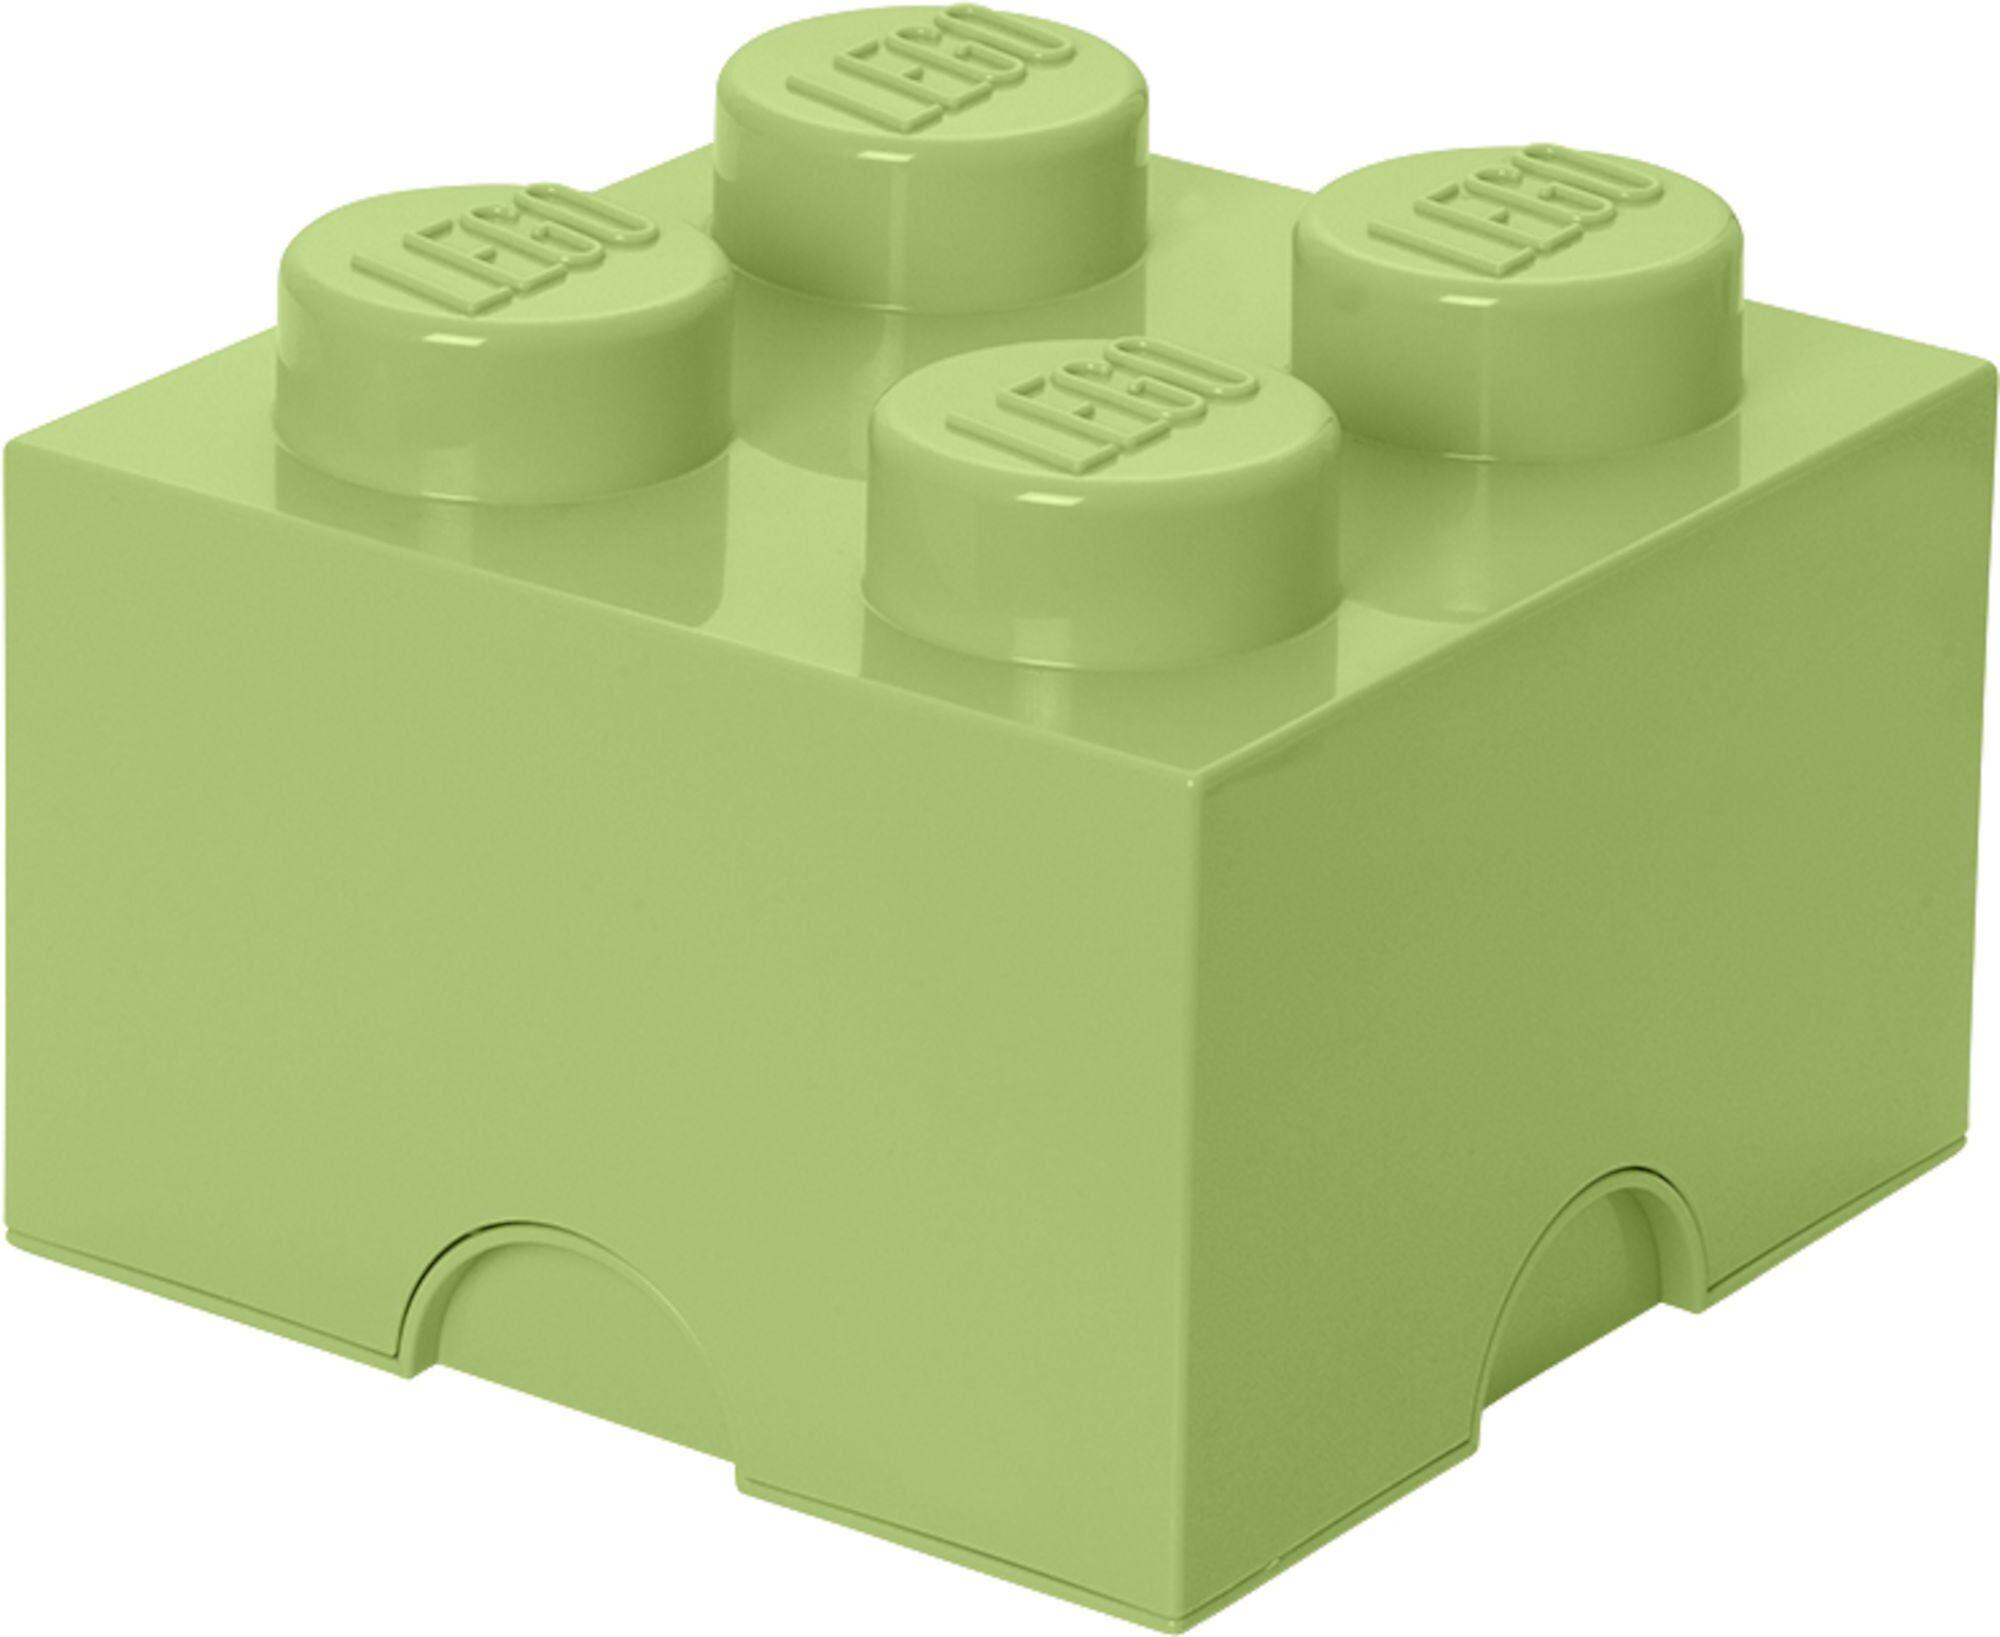 Lego Oppbevaring 4, Gulgrønn